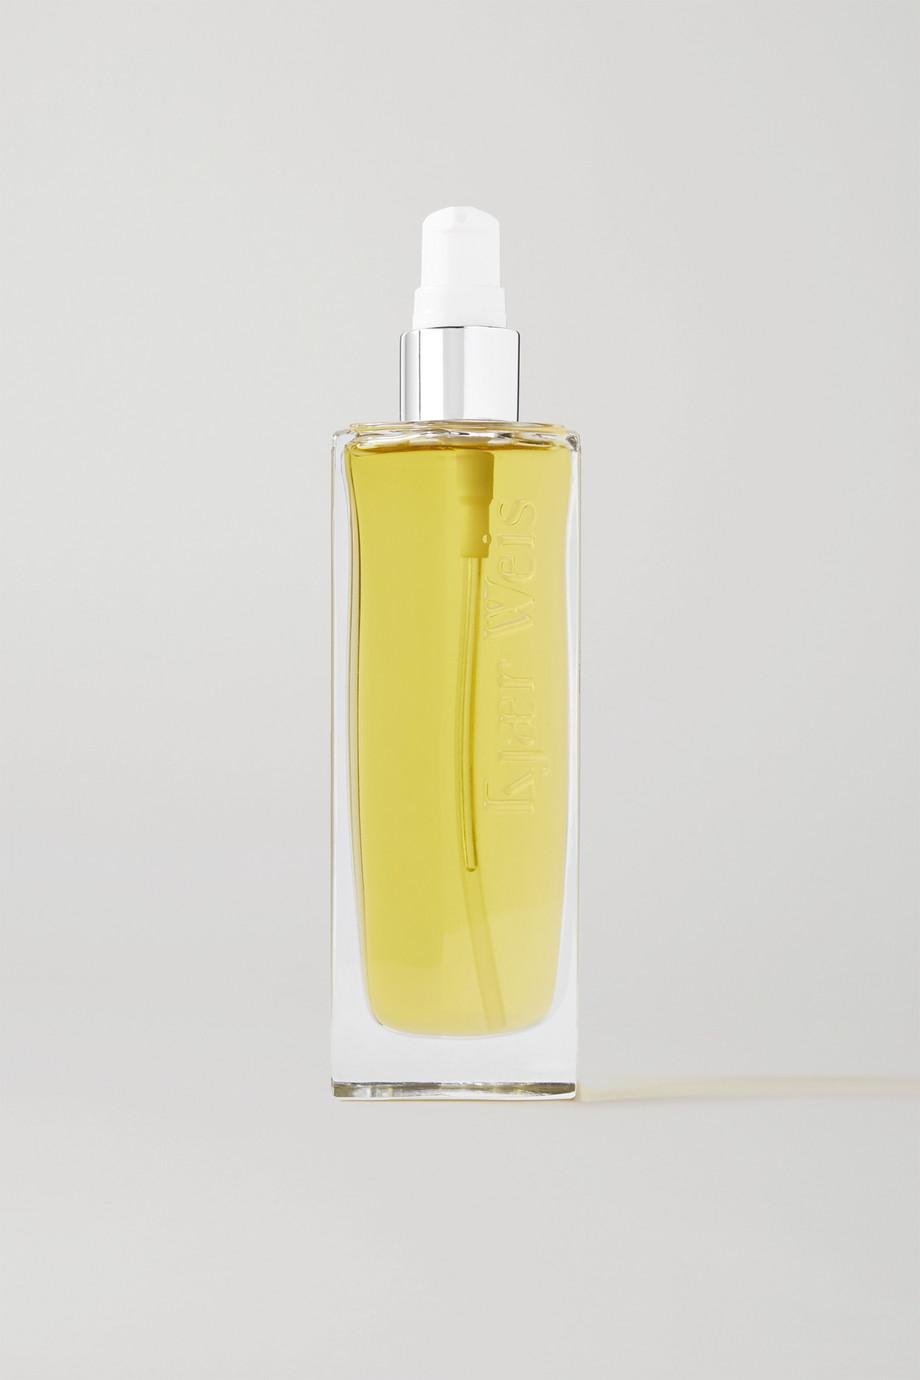 Kjaer Weis Body Oil Refill, 100ml